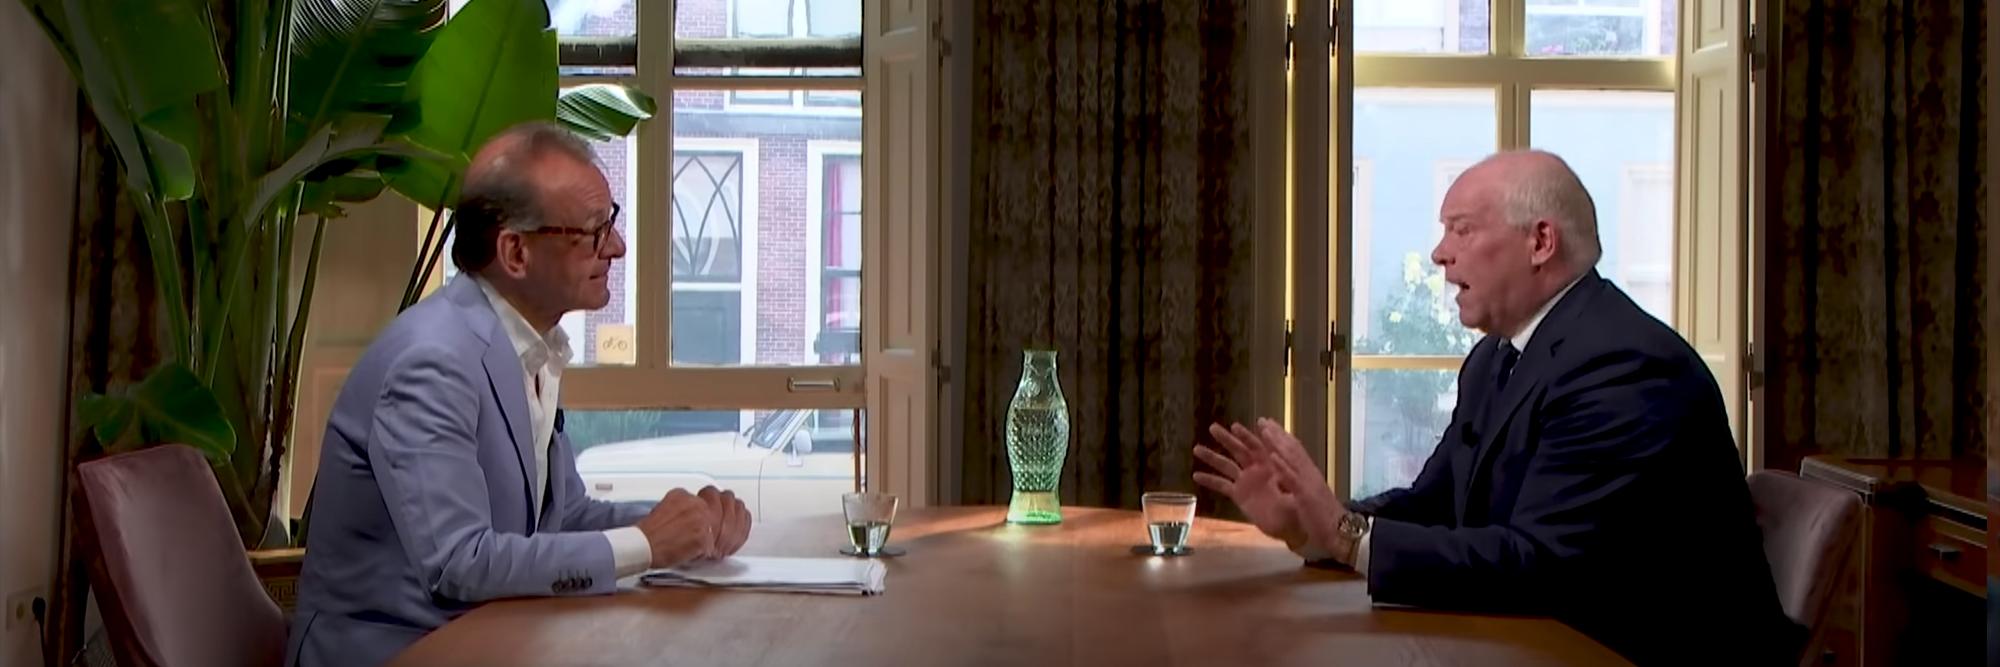 In de media | Rick Moorman in de uitzending van Paul van Liempt - 5